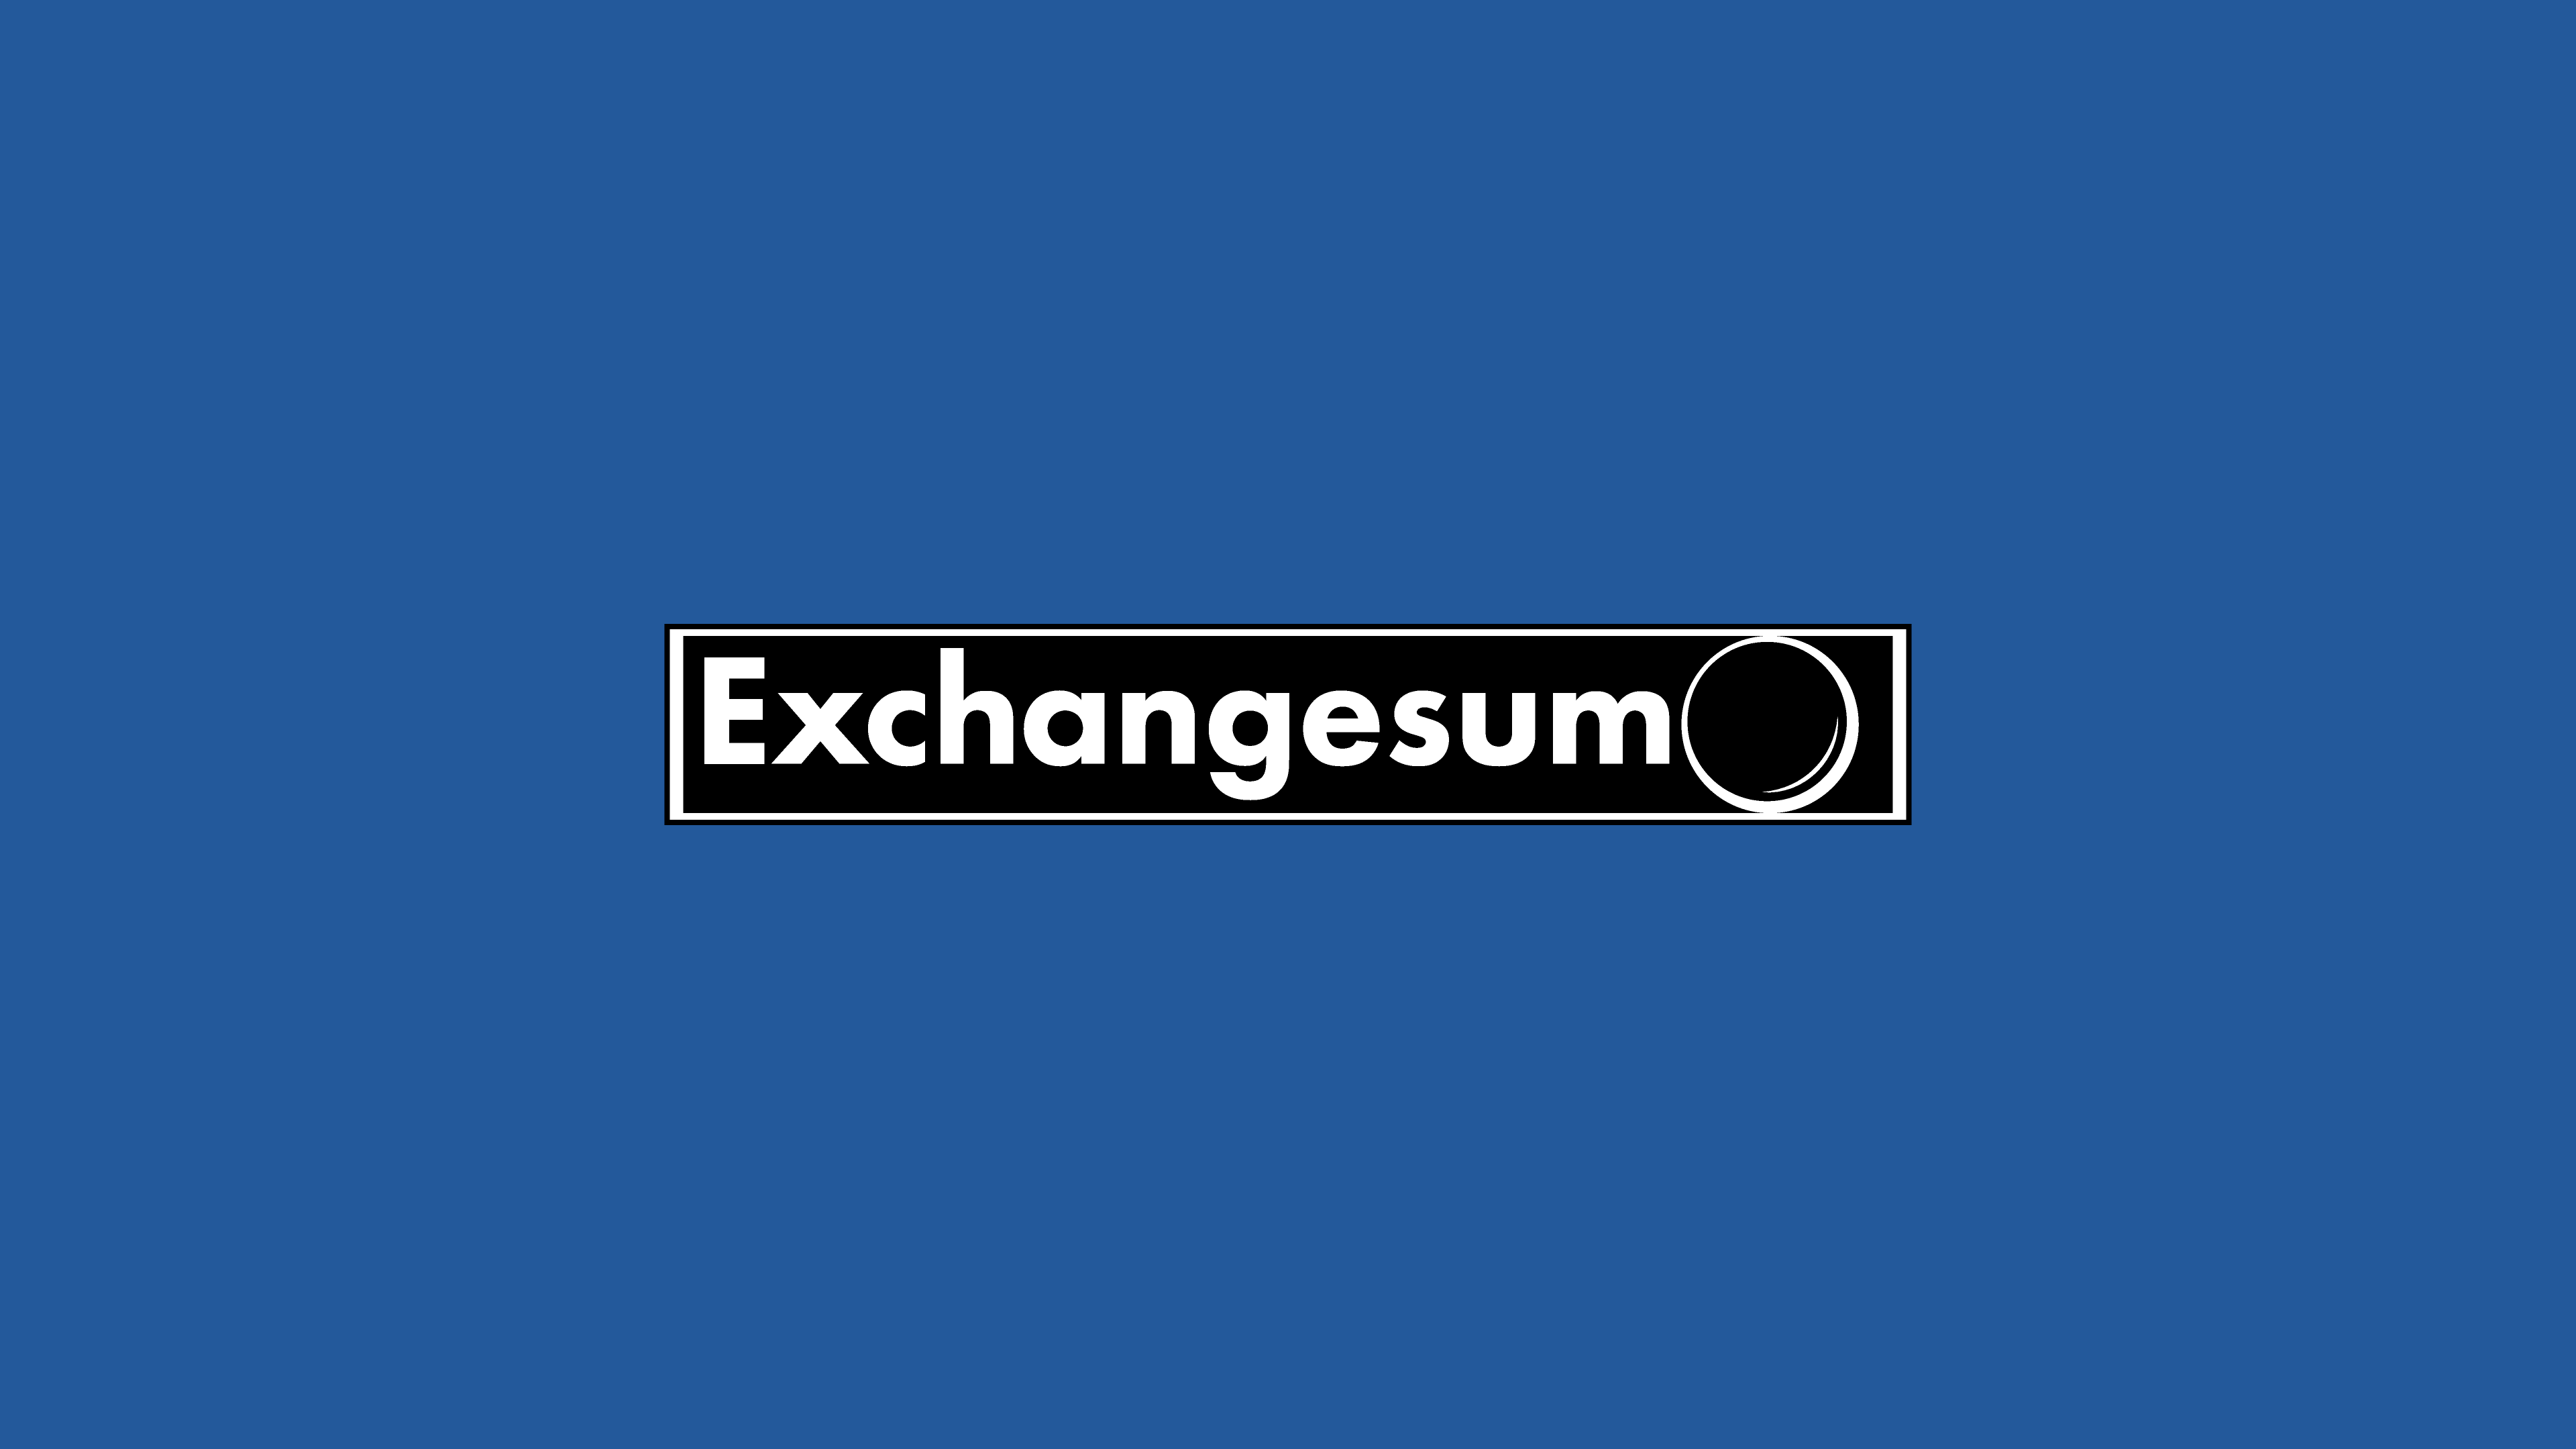 Логотип для мониторинга обменников фото f_6155baa7dcc8e5dc.png